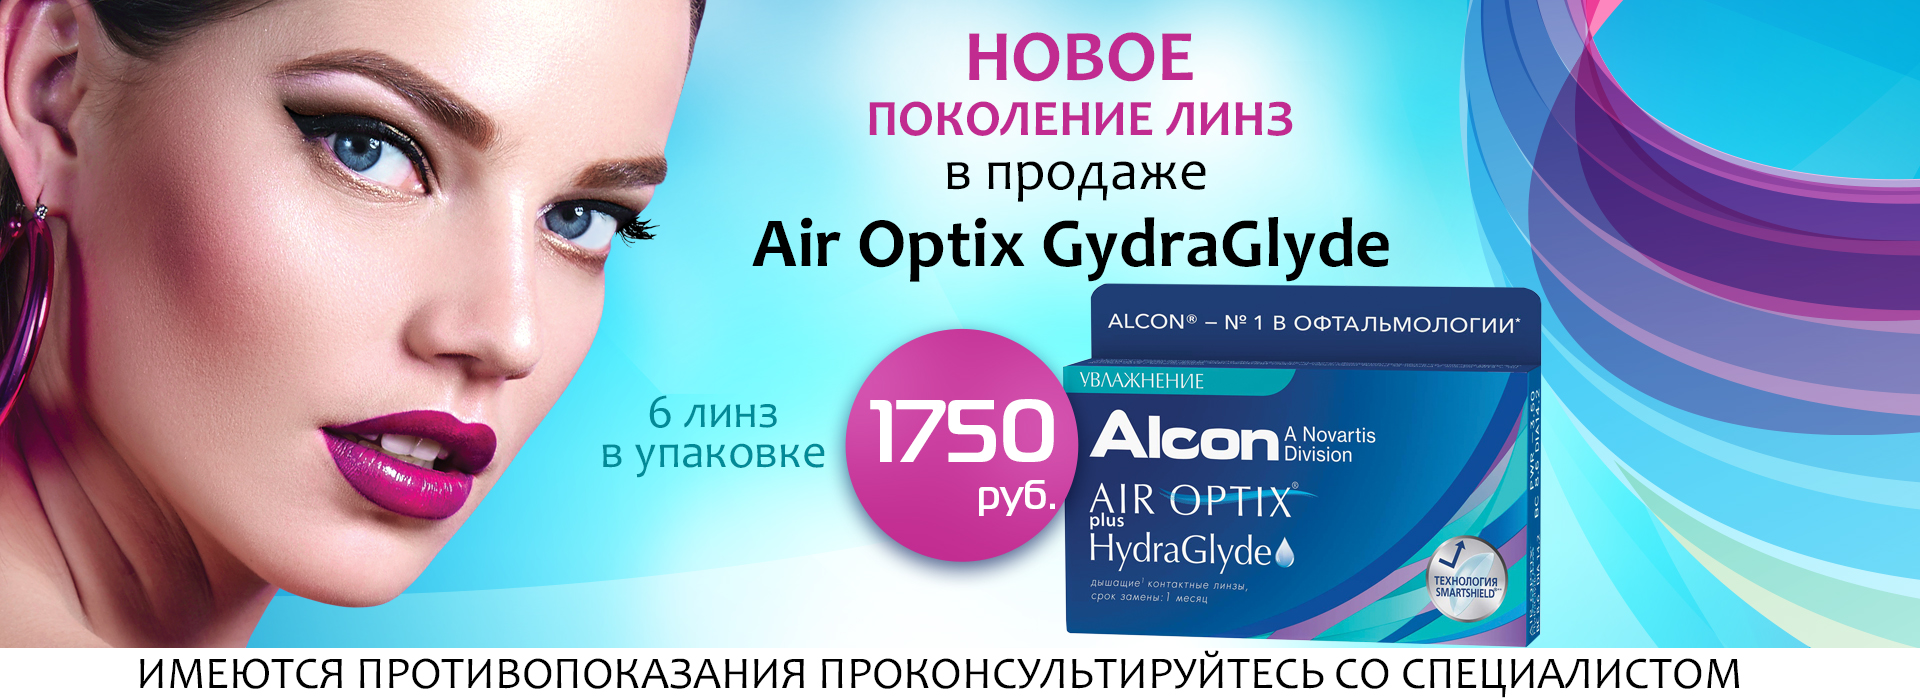 Жаркое лето – самое время оценить по достоинству новое поколение контактных линз Air Optix Hydra Glyde.Приходите в салоны оптики «Линзбург» за новинкой по революционной цене 1750 рублей, чтобы лето вам запомнилось во всех красках!